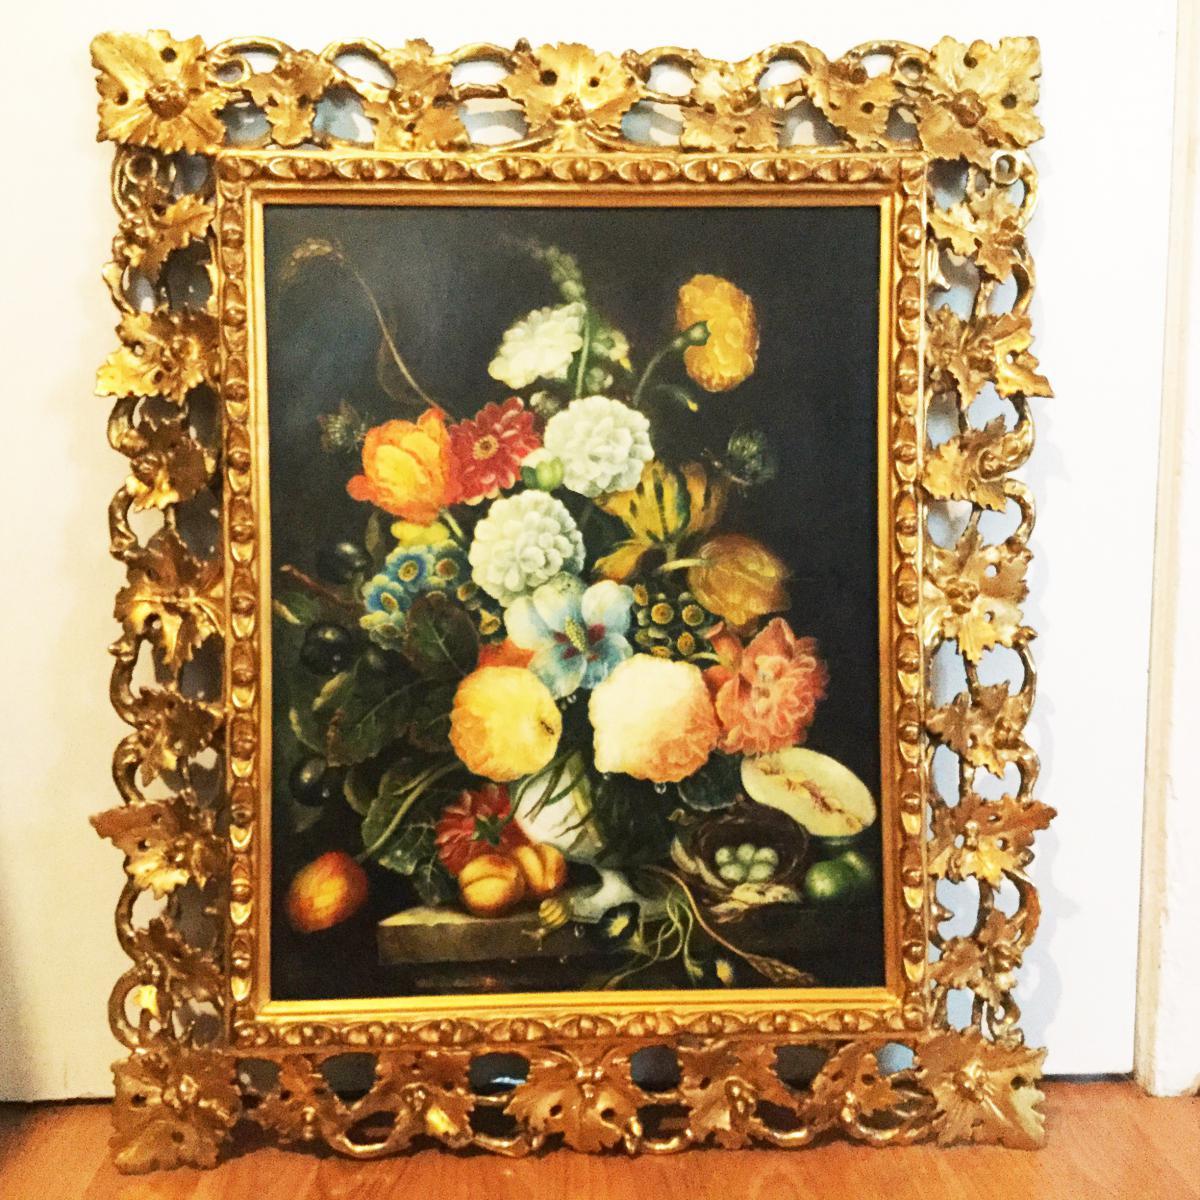 Estampes De Fleurs De Nature Morte Estampées Dans Des Huiles Et Un Cadre Florentin